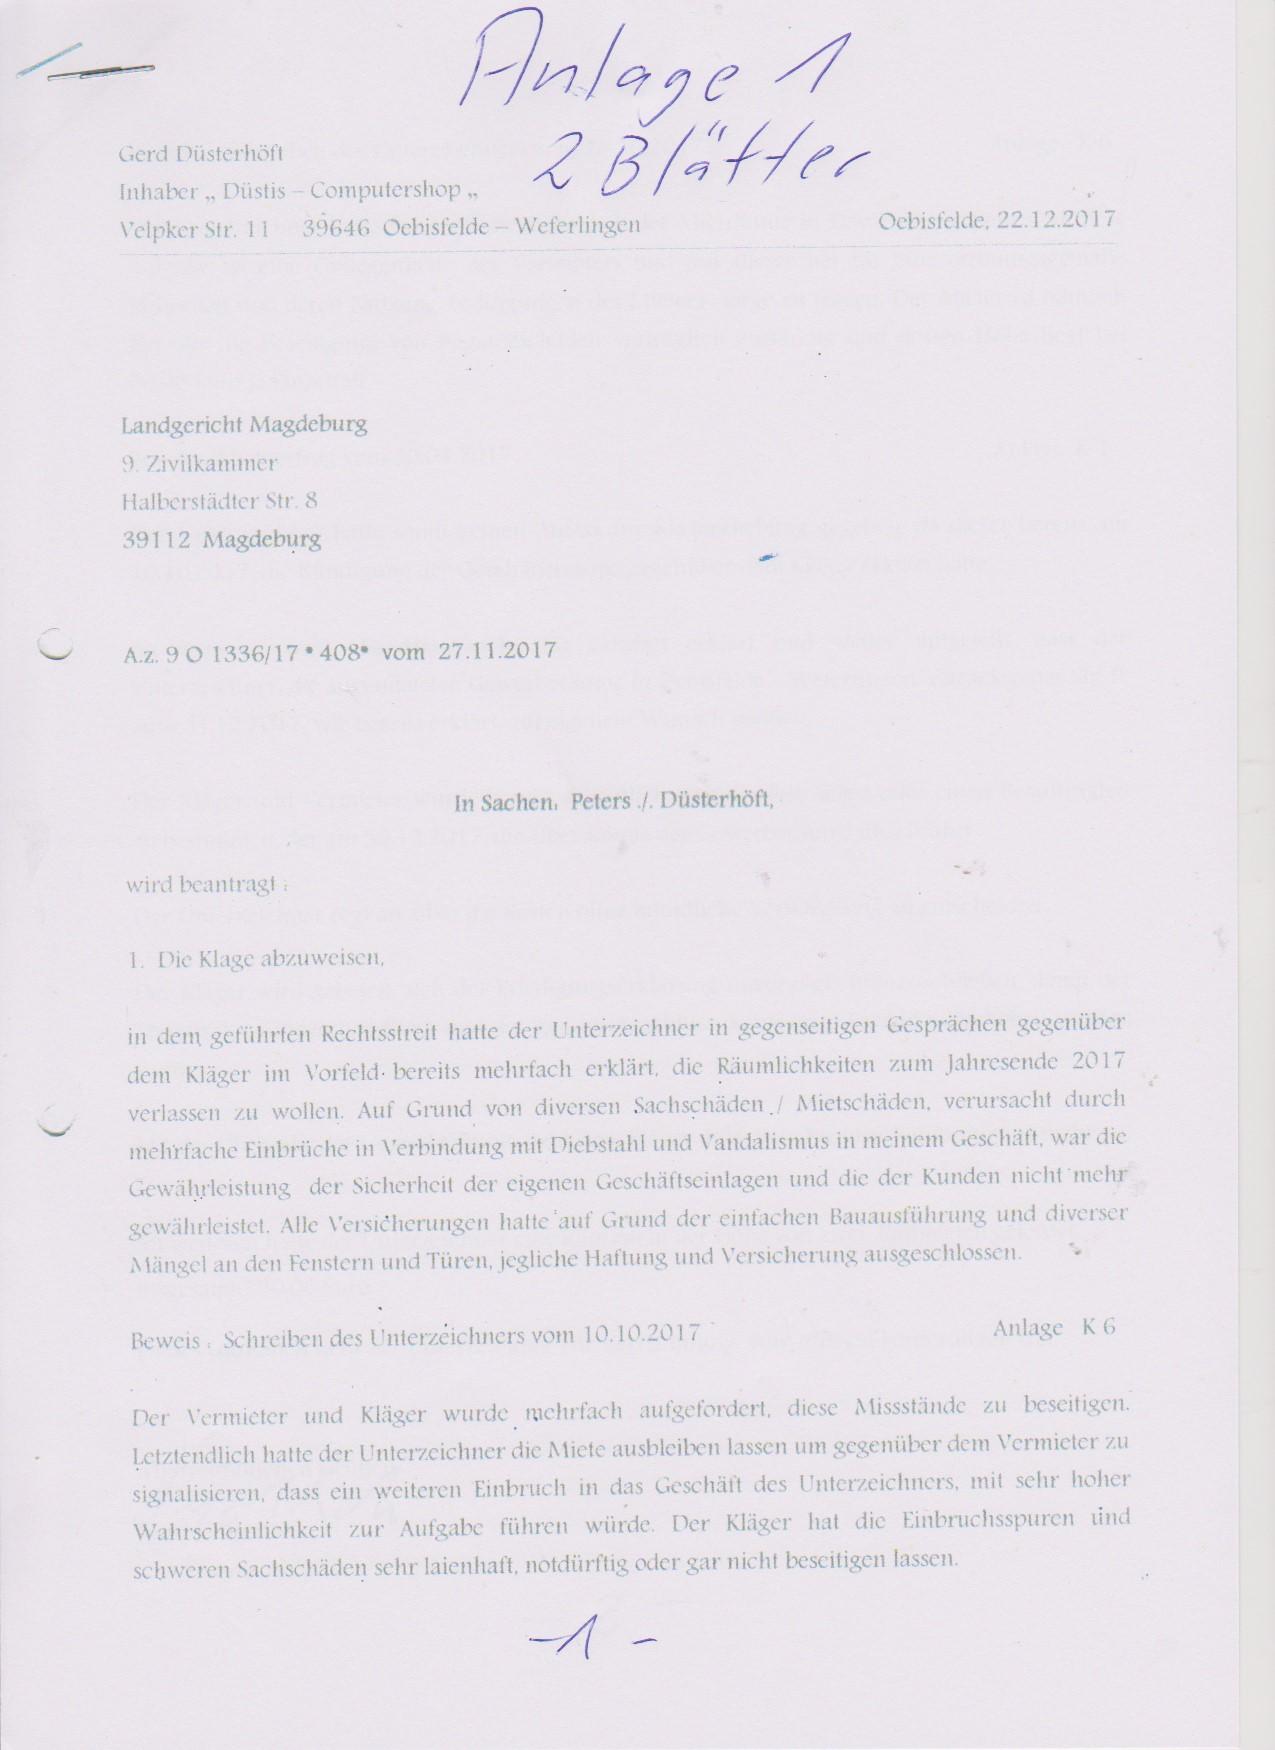 Klageerwiederung an Richtein Soehring vom Landgericht Magdeburg